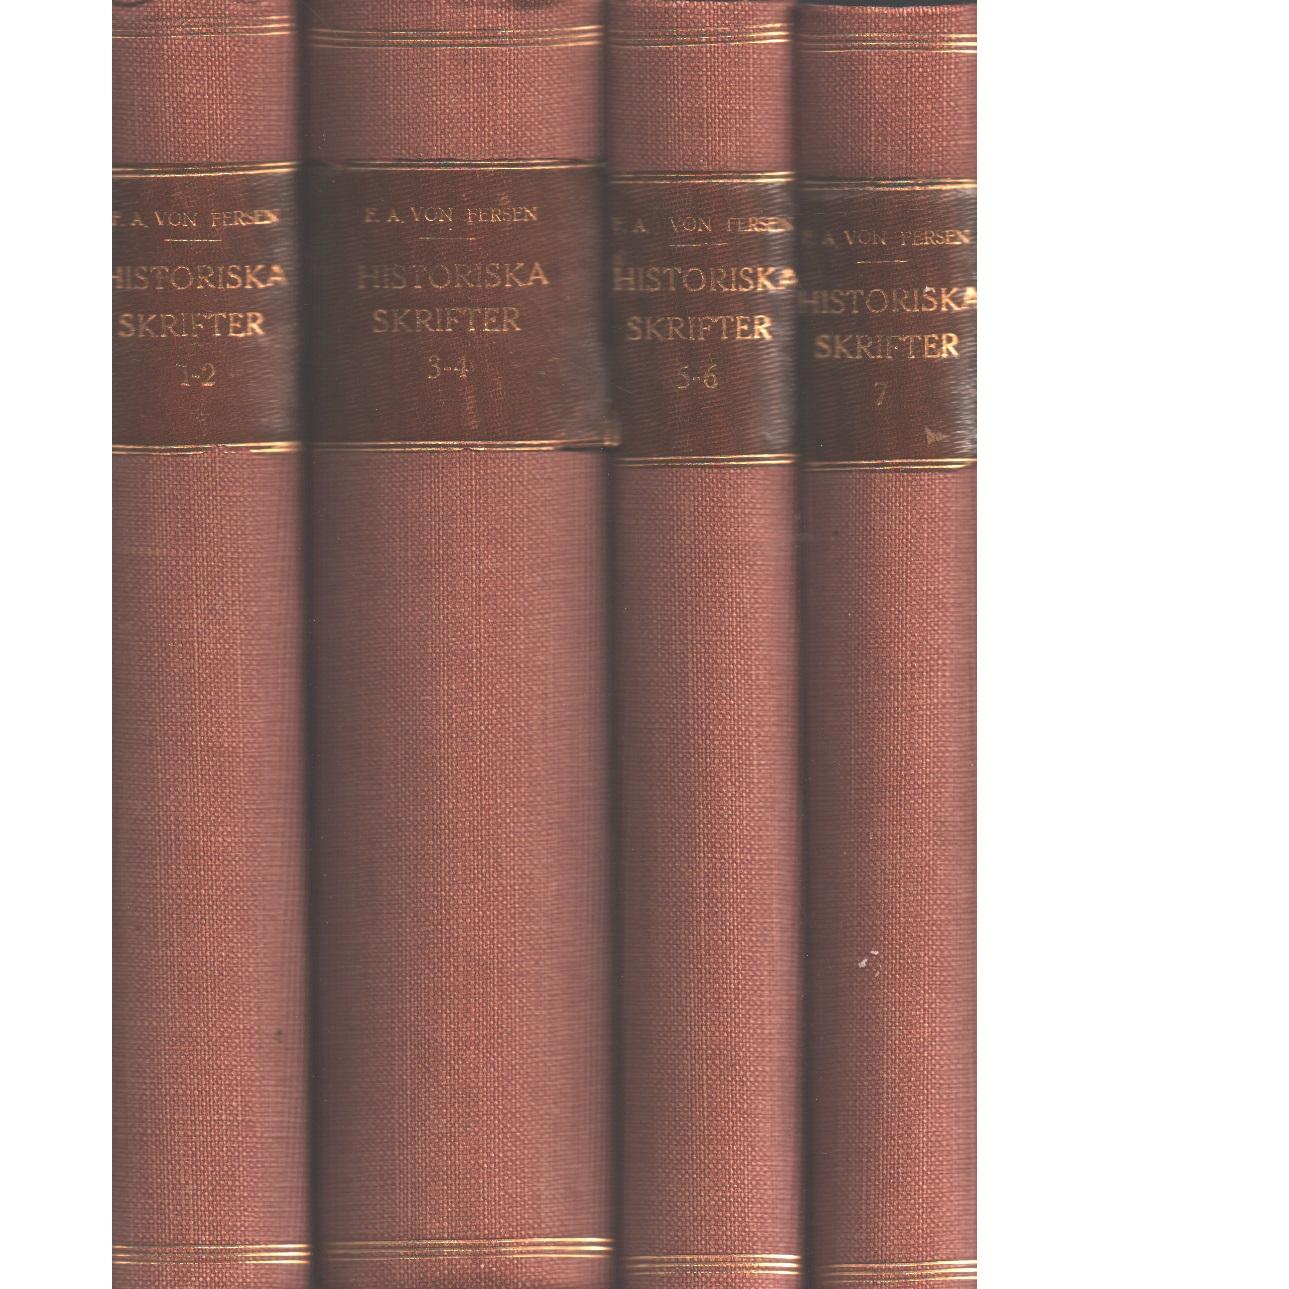 Riksrådet och fältmarskalken m.m. grefve Fredrik Axel von Fersens historiska skrifter 8 delar   - Fersen, Axel von